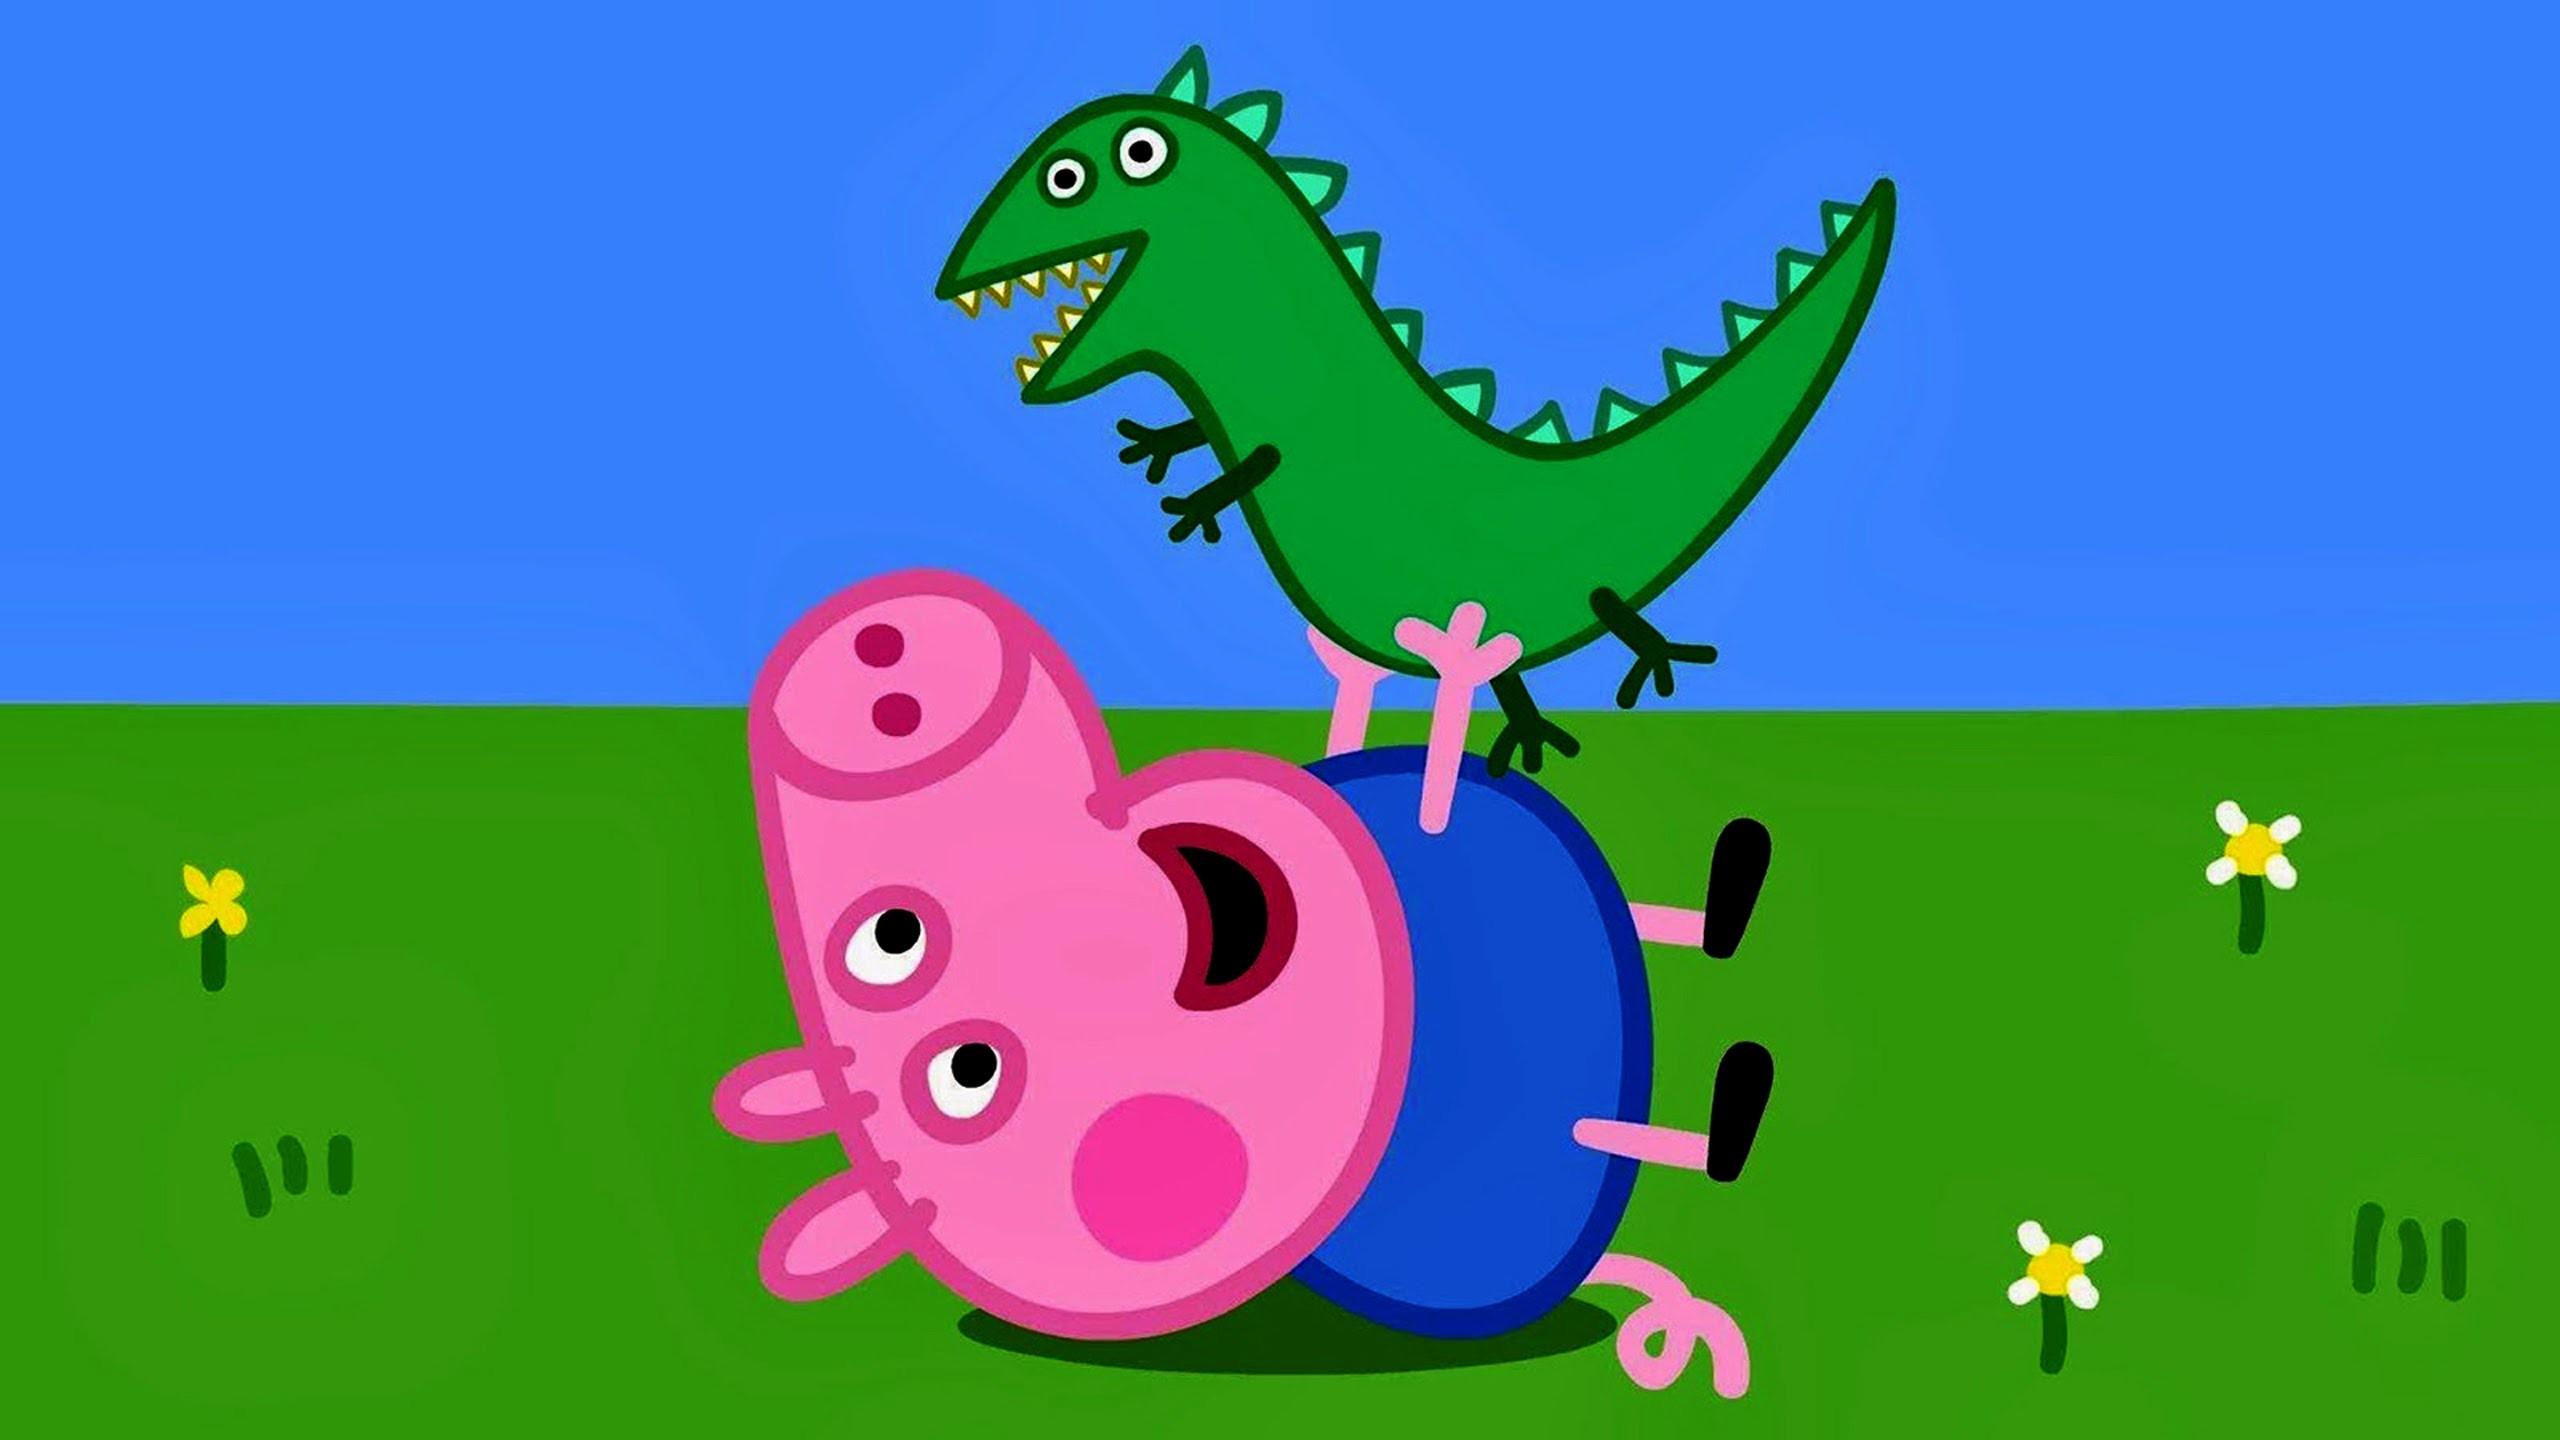 свинка пеппа динозавр джорджа картинка думайте что